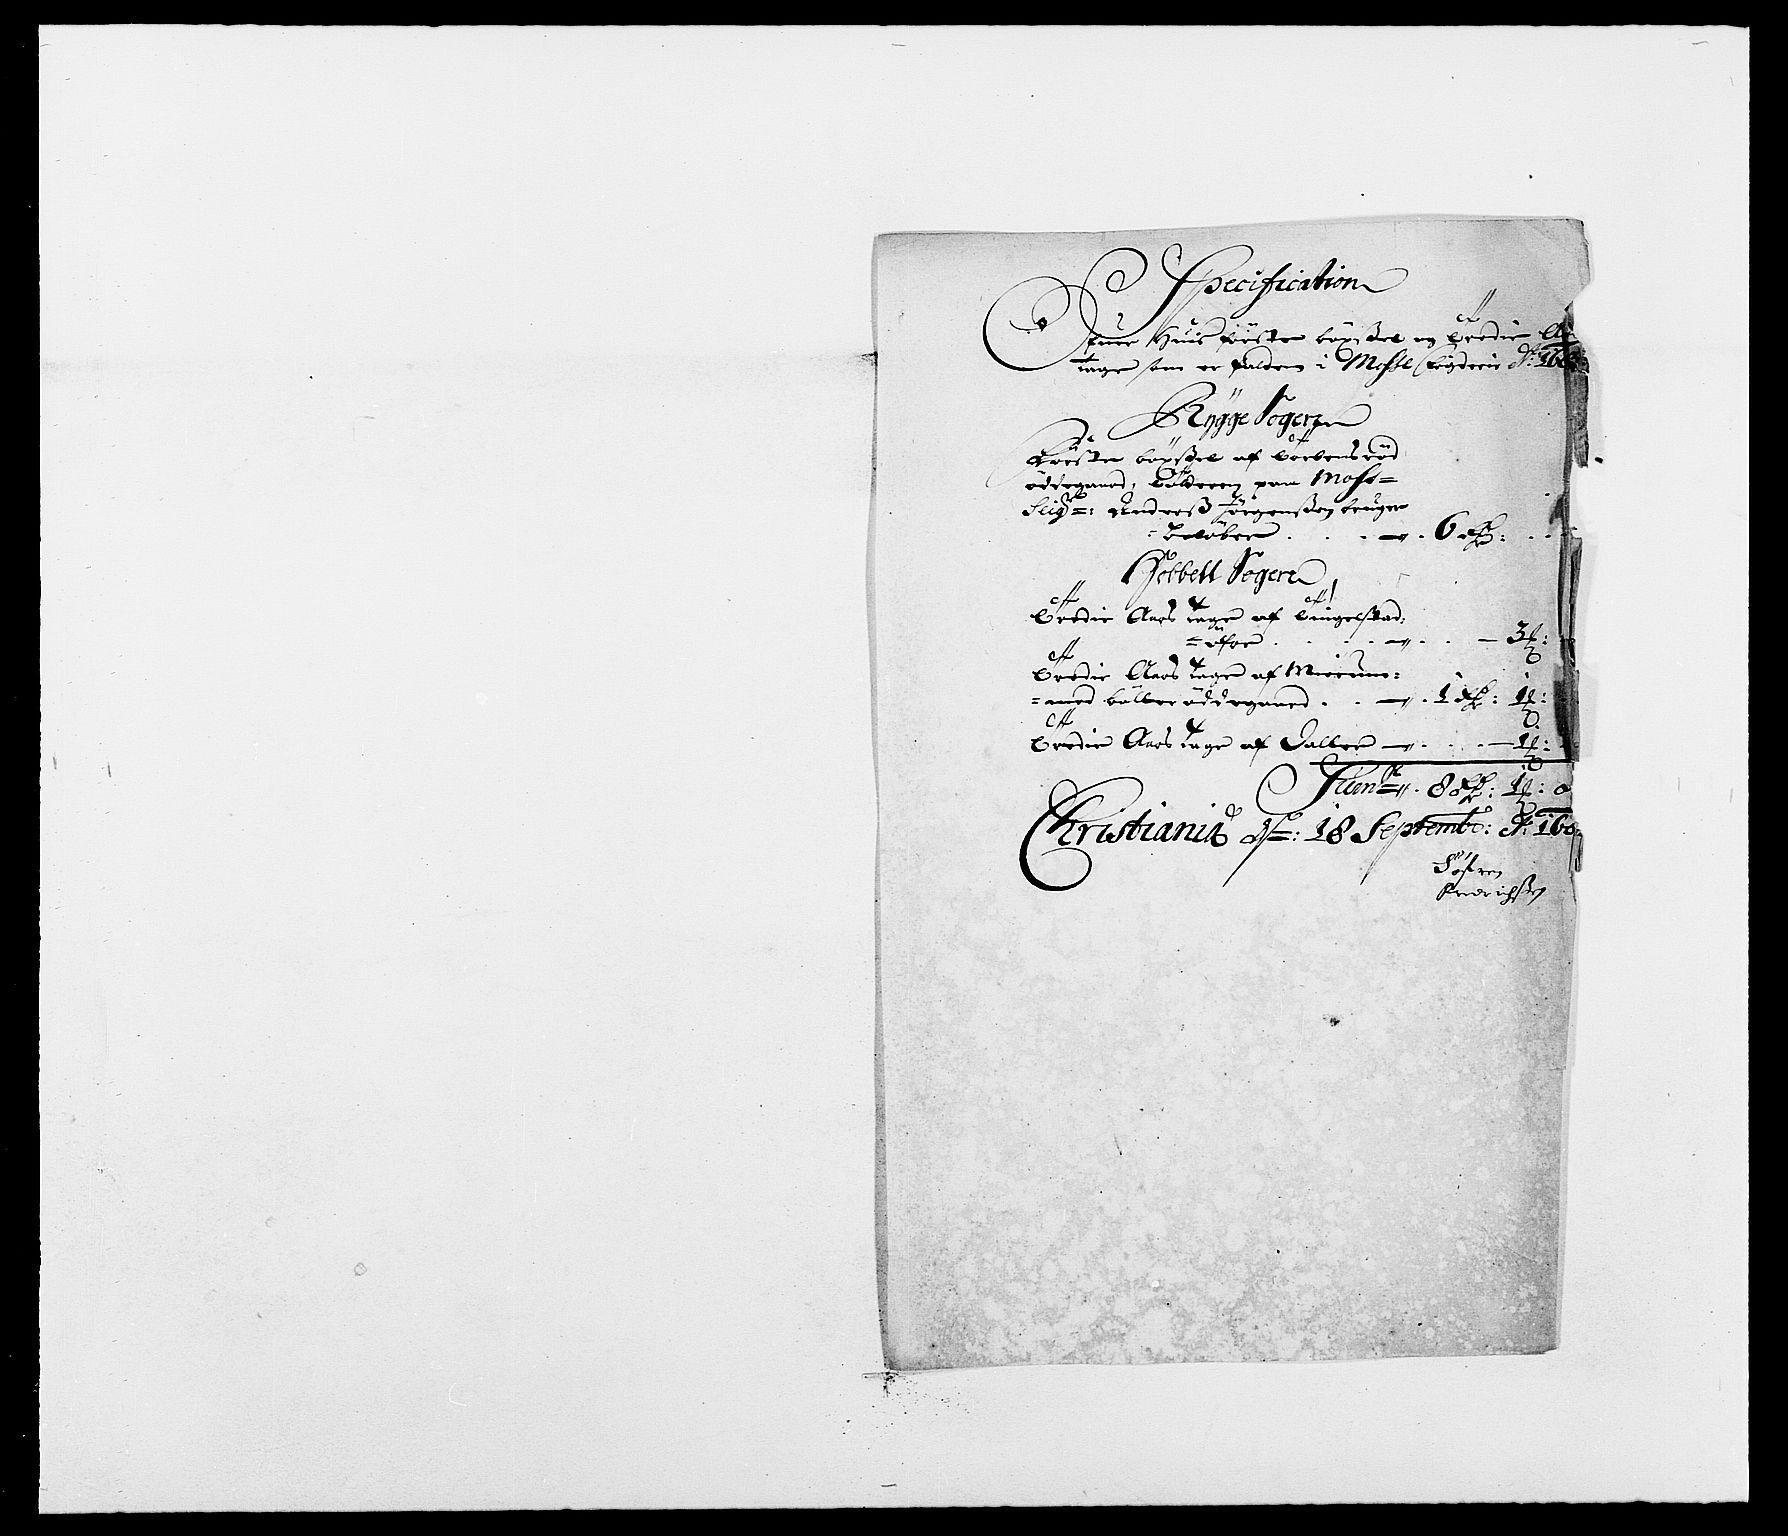 RA, Rentekammeret inntil 1814, Reviderte regnskaper, Fogderegnskap, R02/L0103: Fogderegnskap Moss og Verne kloster, 1682-1684, s. 381